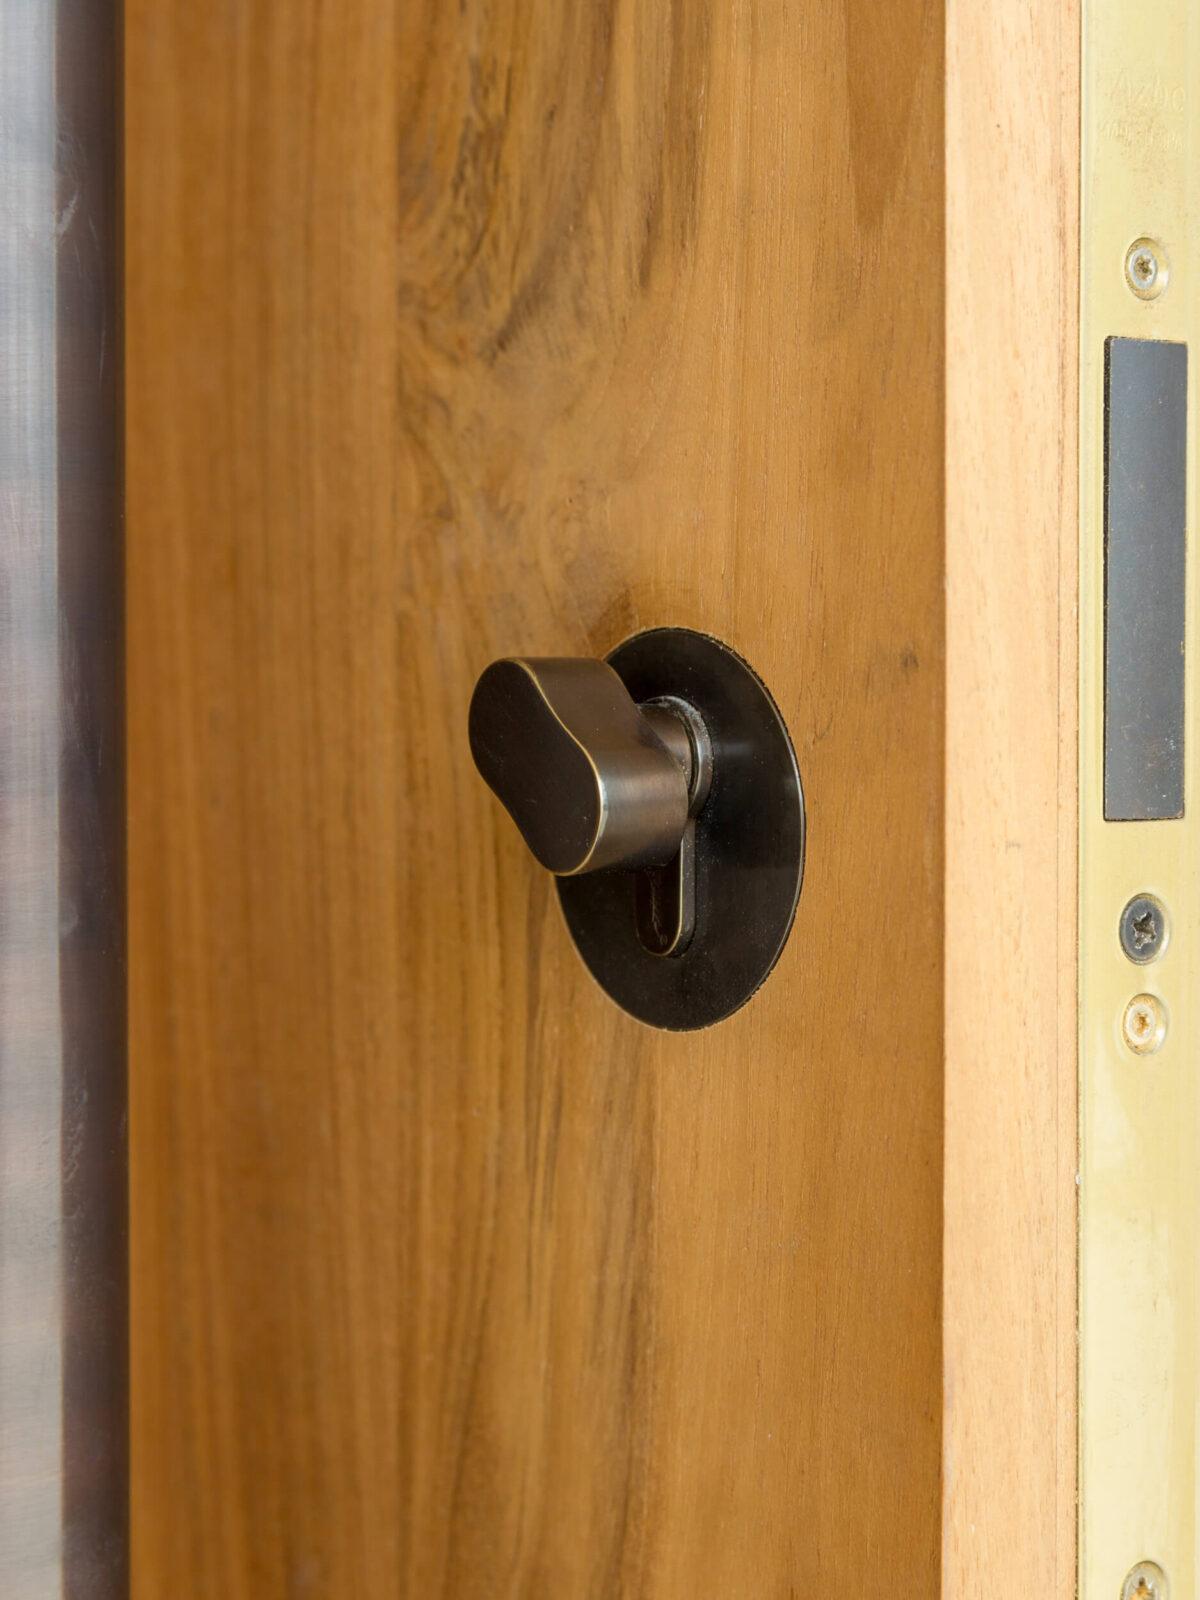 TEAK DOORS.DETAIL OF LOCKING THUMB TURN.